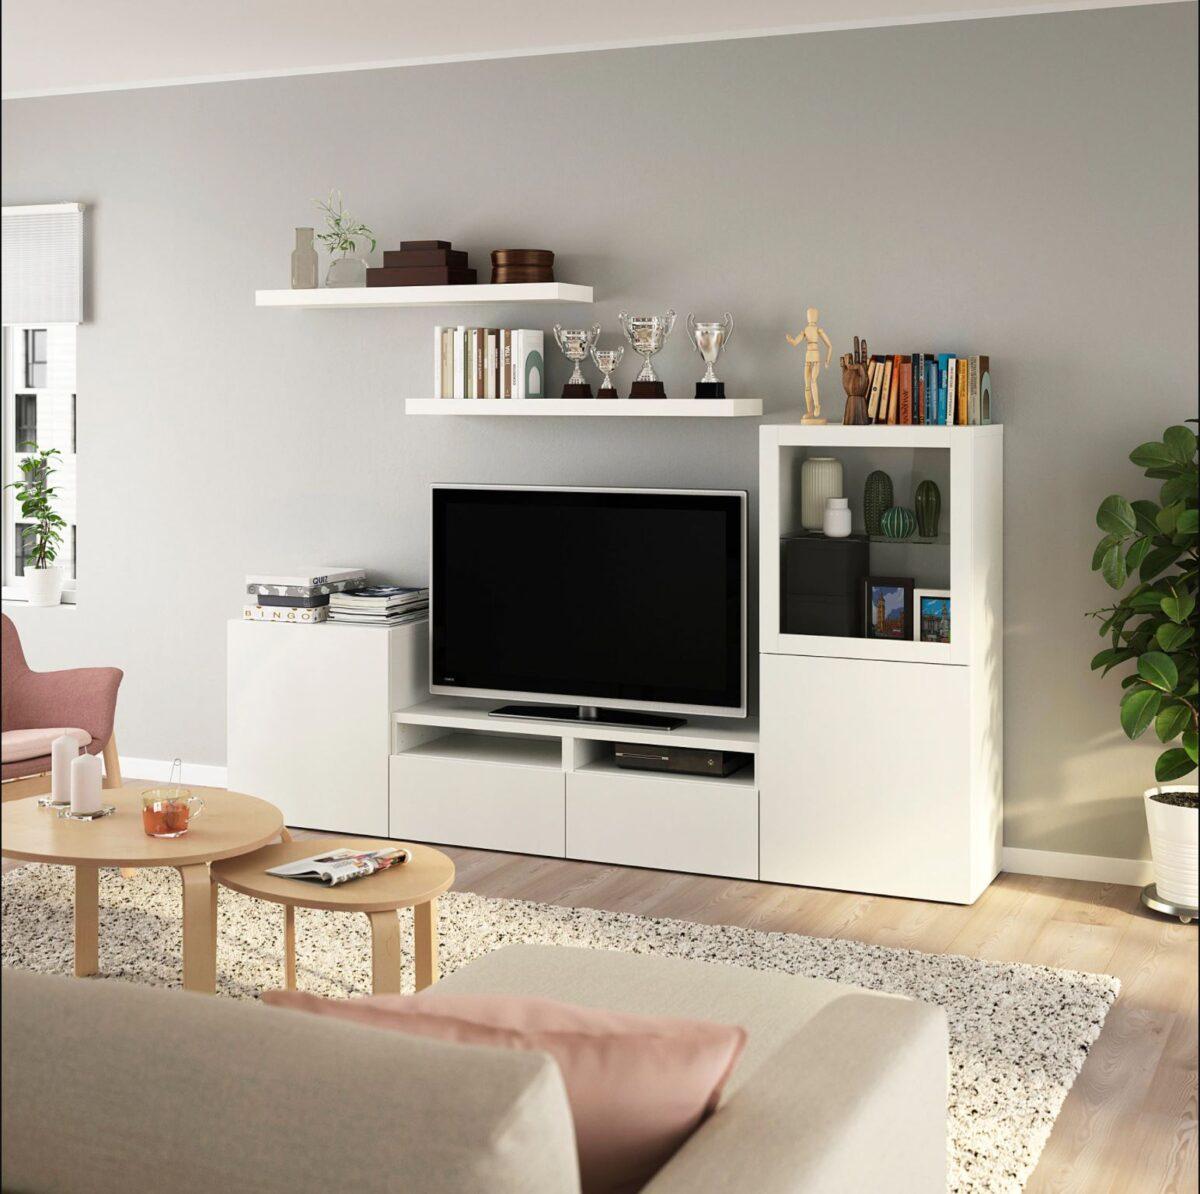 Soggiorno IKEA a meno di 750 euro: idee e soluzioni